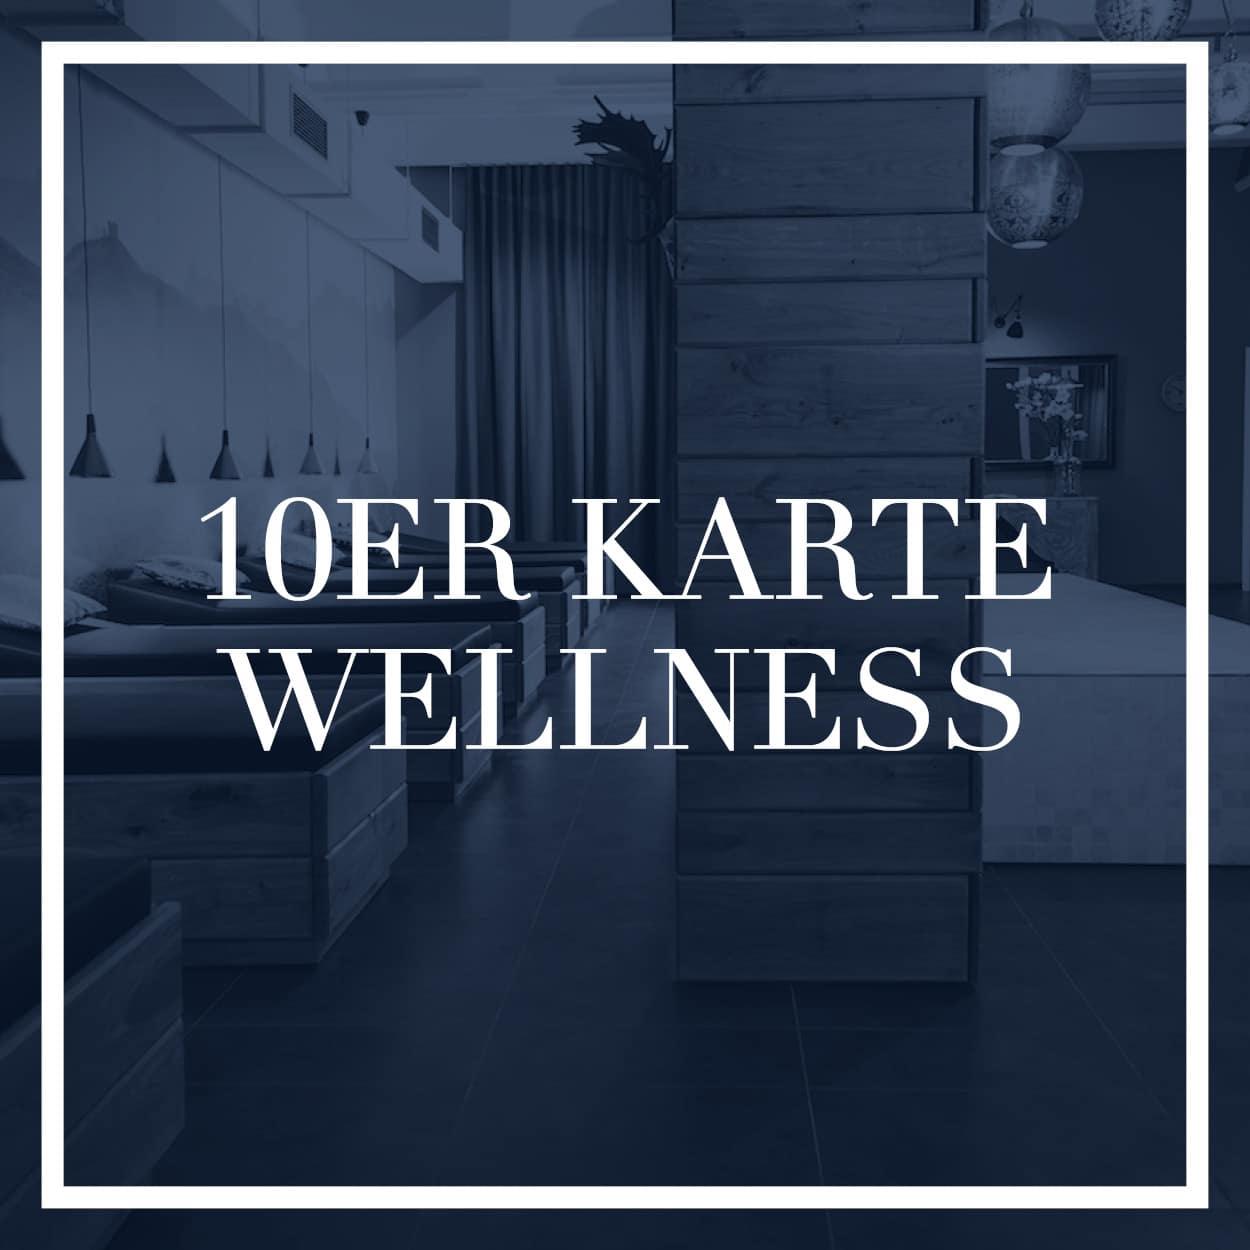 10er karte wellness pure fitnessclub fitnessstudio in ludwigsburg. Black Bedroom Furniture Sets. Home Design Ideas